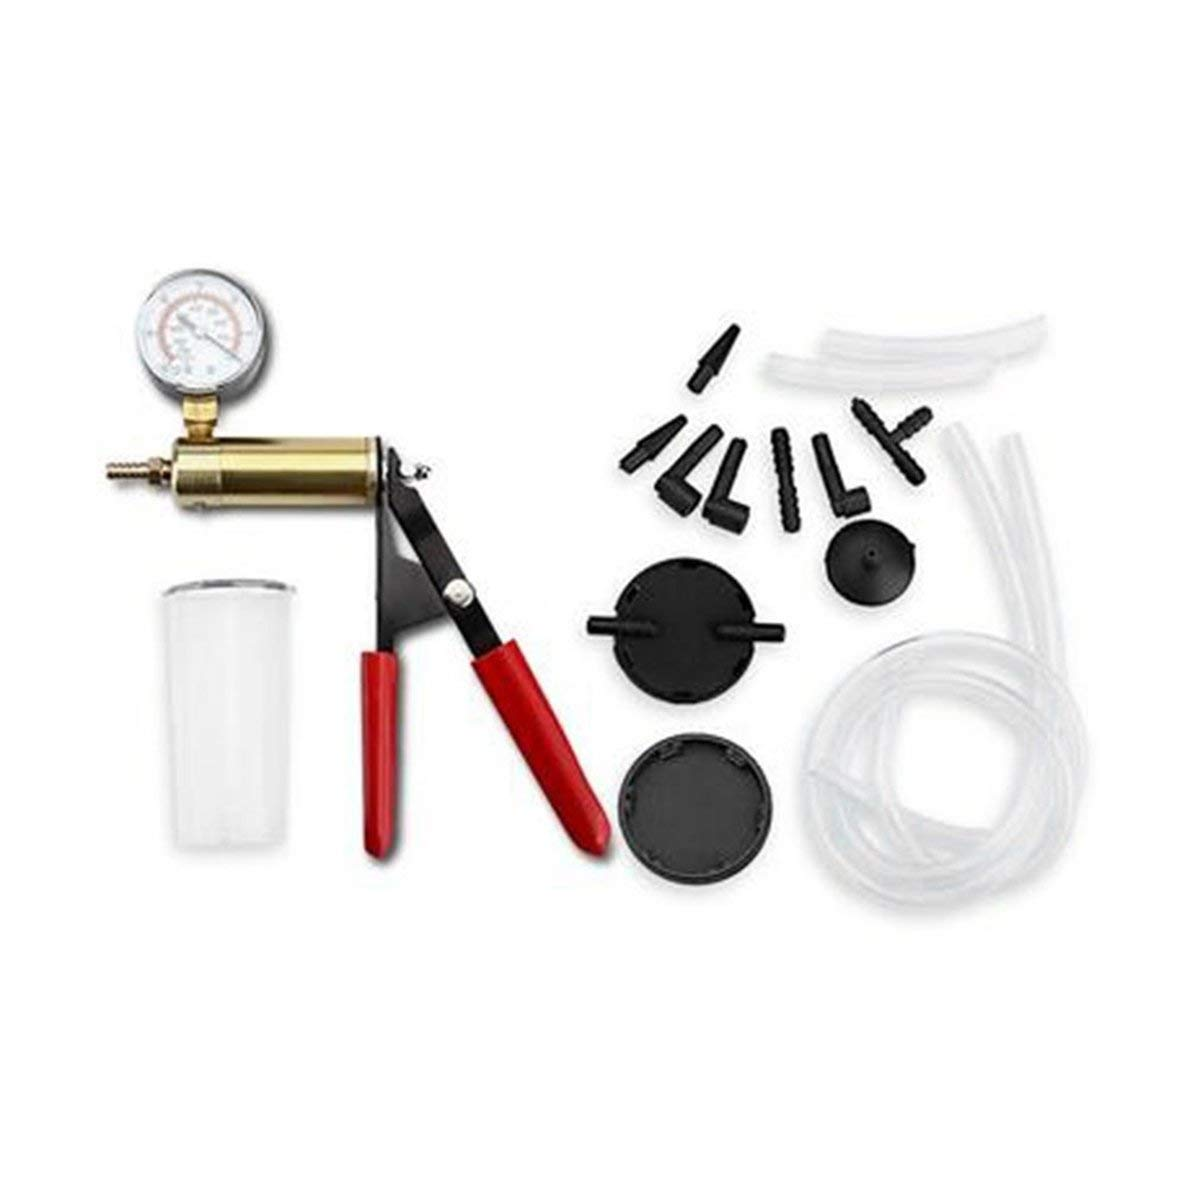 Set di Tester per Pompa a Vuoto Manuale e Kit di spurgo del Freno Adattatore per Vite per Pompa a Vuoto per Auto per Moto con misuratore di Vuoto Rosso WEIWEITOE